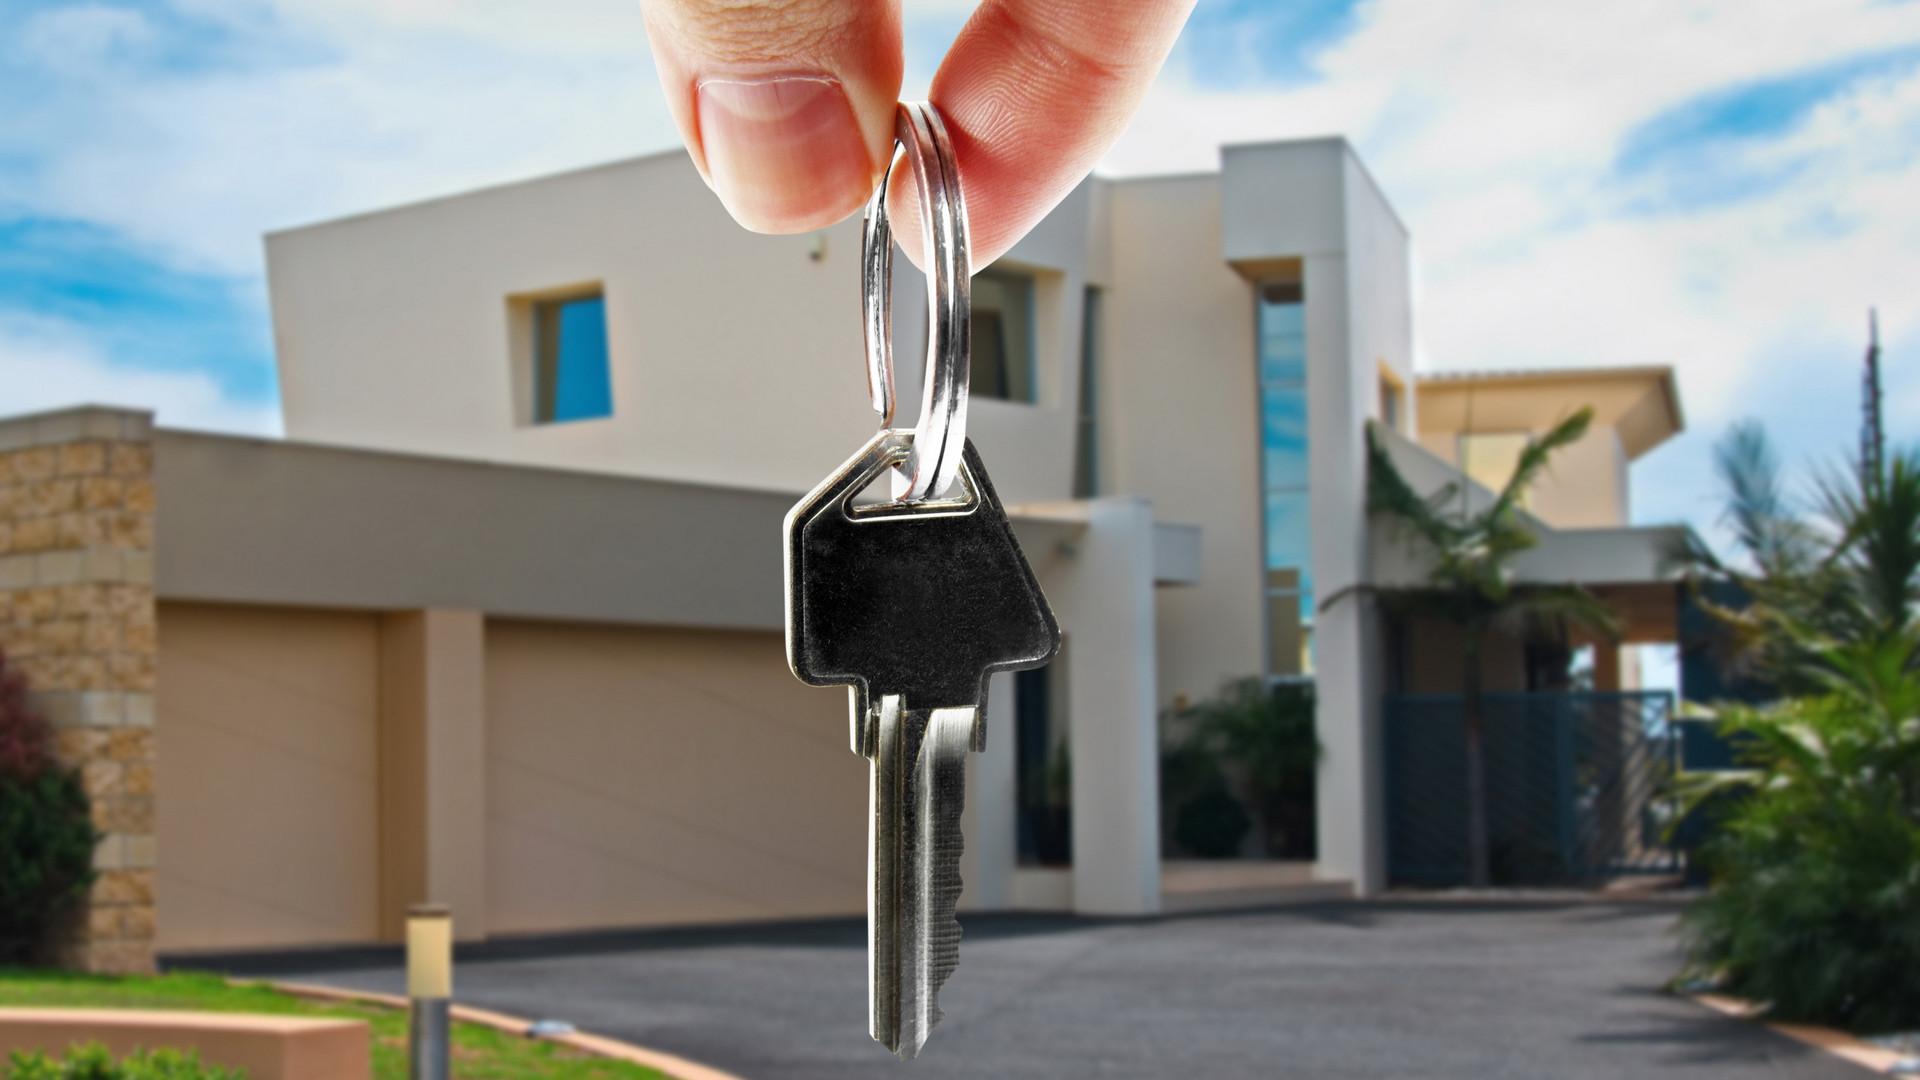 antwerpse hypotheek kredieten